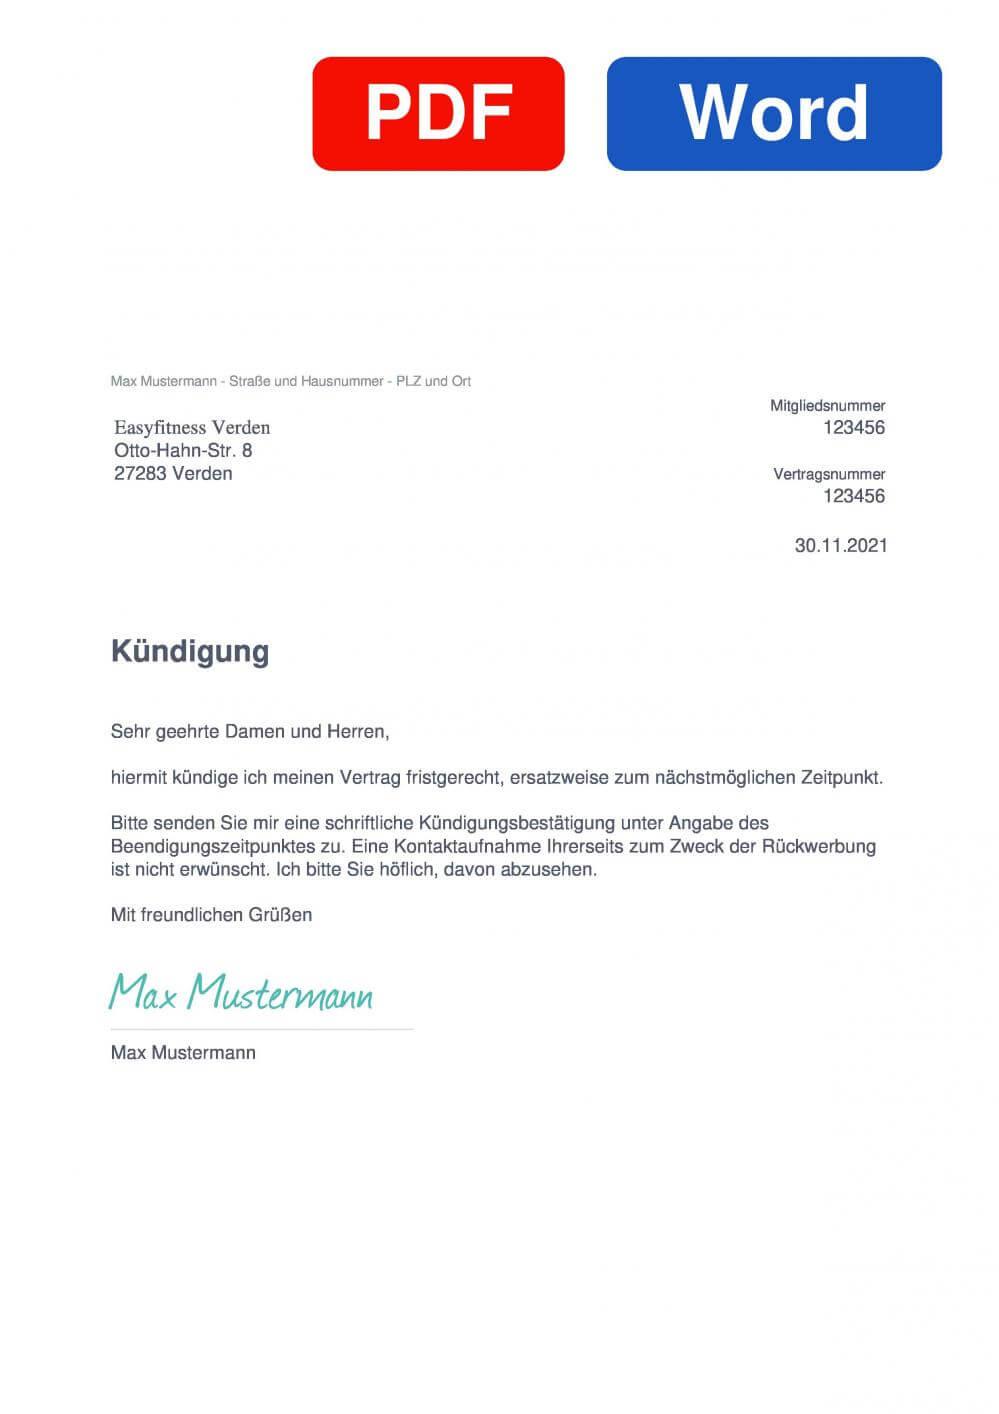 EASYFITNESS Verden Muster Vorlage für Kündigungsschreiben